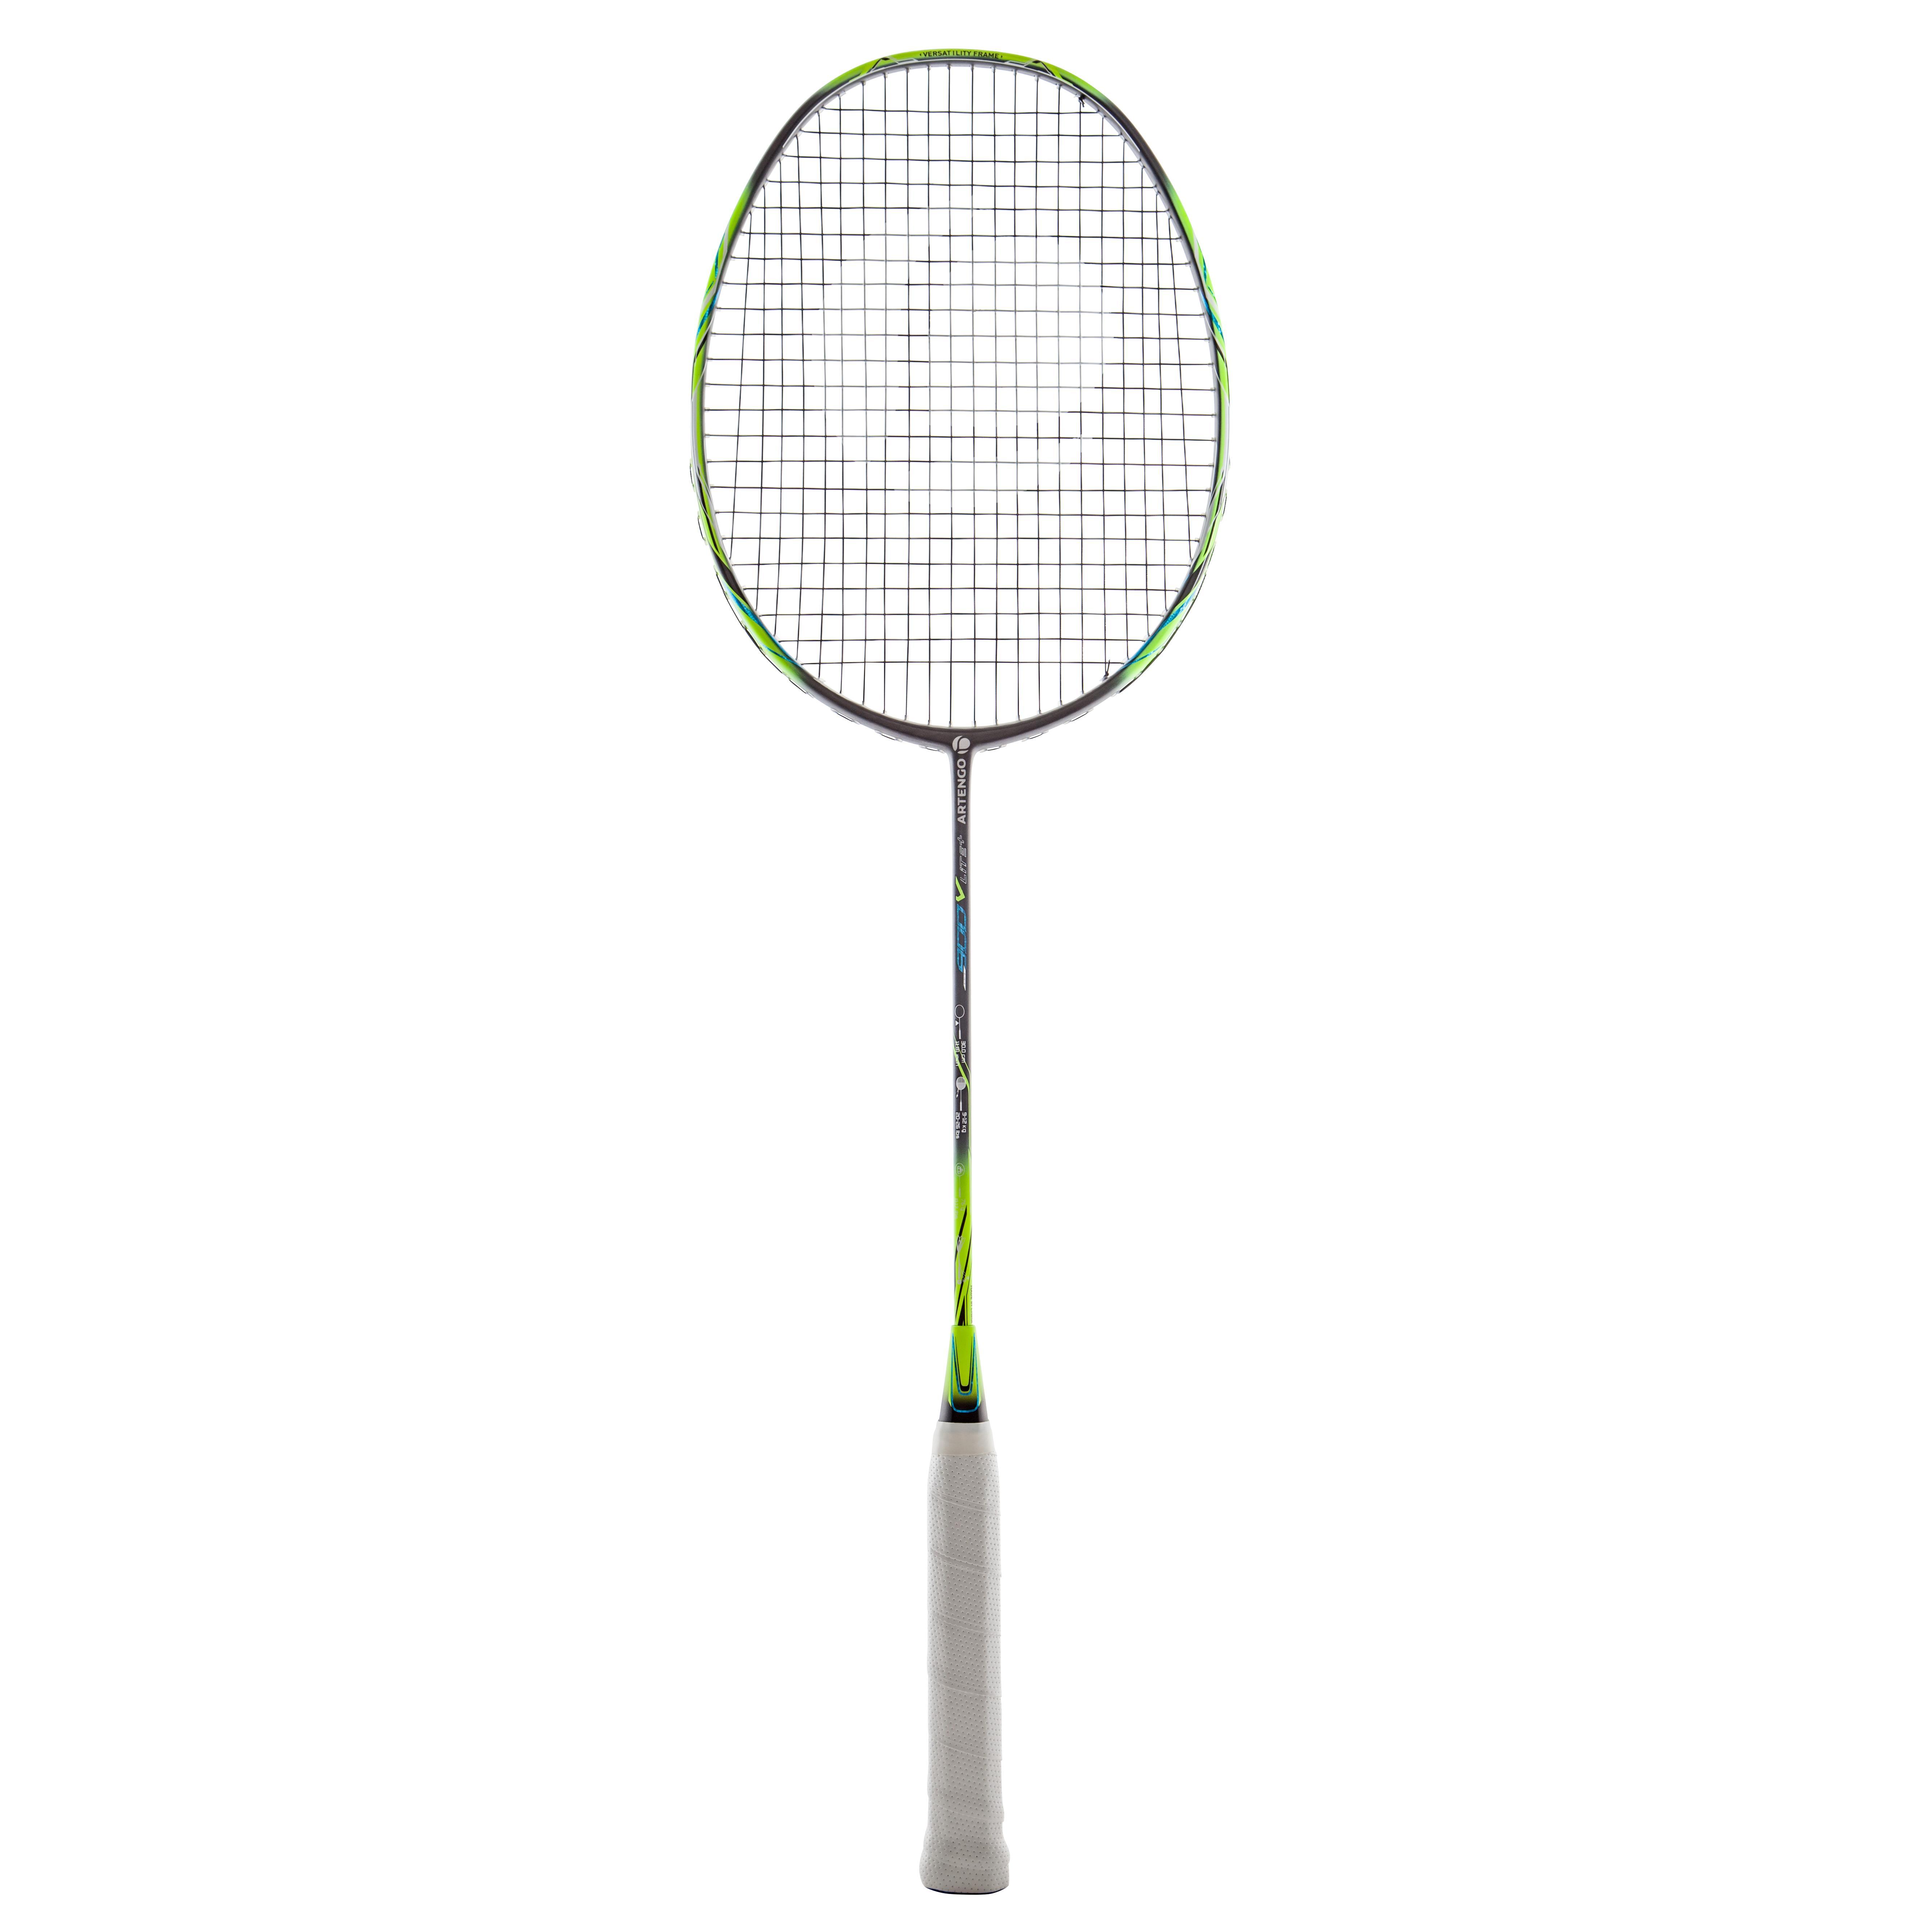 Perfly Badmintonracket BR 900 Ultra Lite V voor volwassenen groen kopen